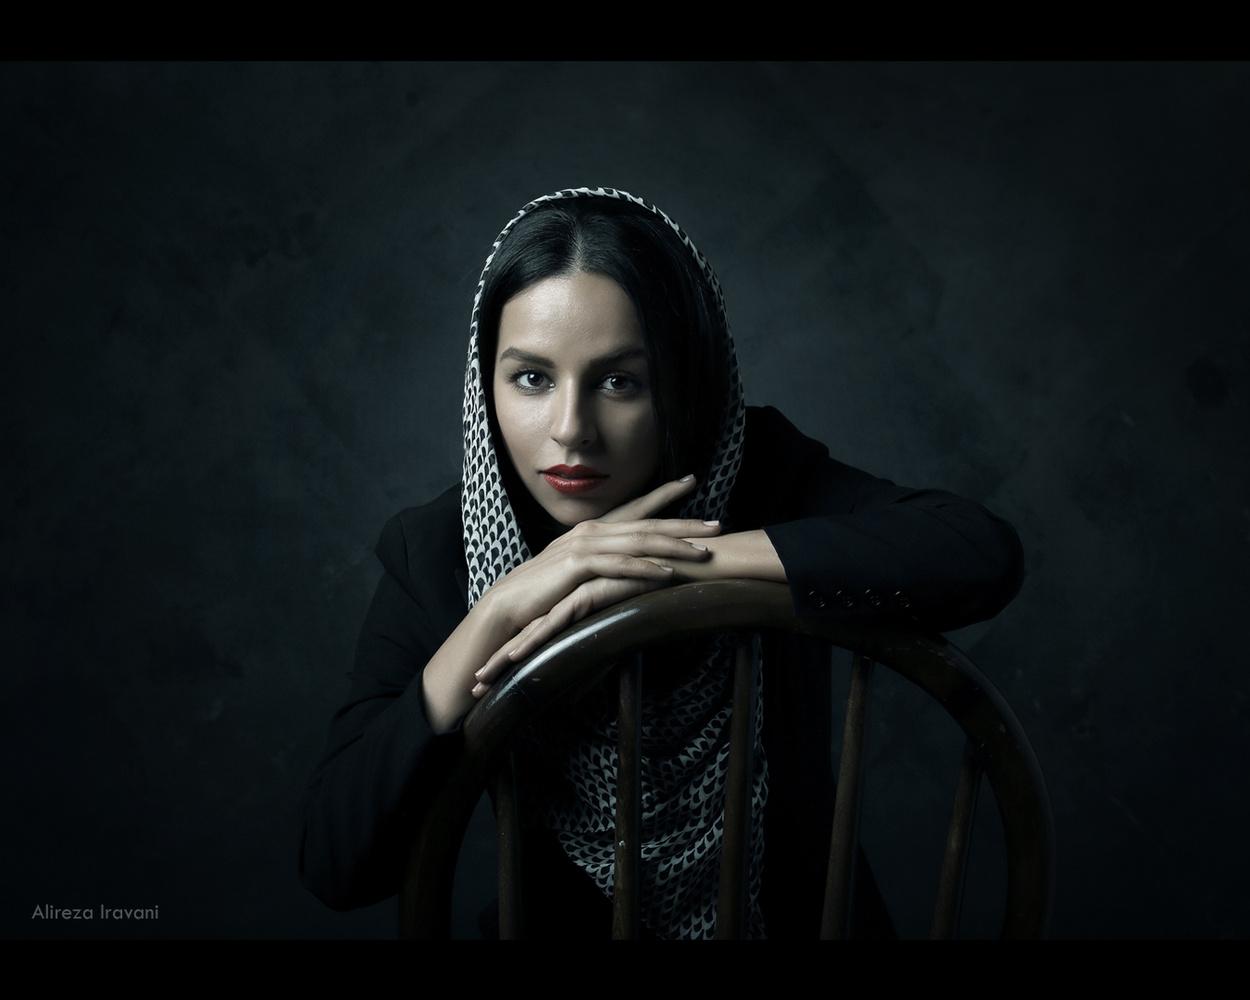 Samaneh by Alireza Iravani